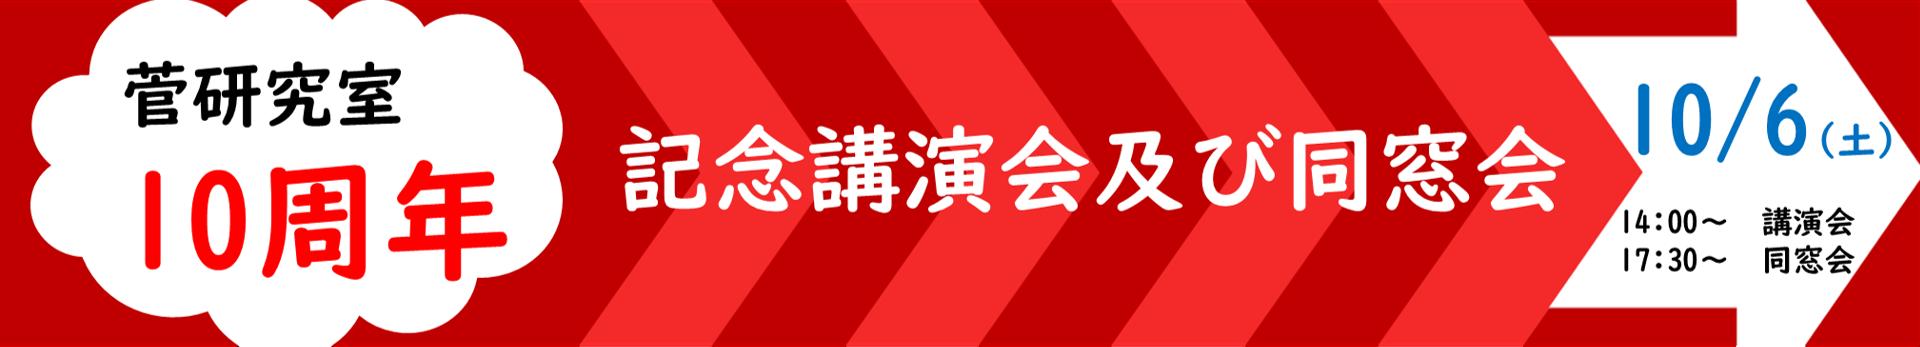 10/6(土)10周年イベントのご連絡